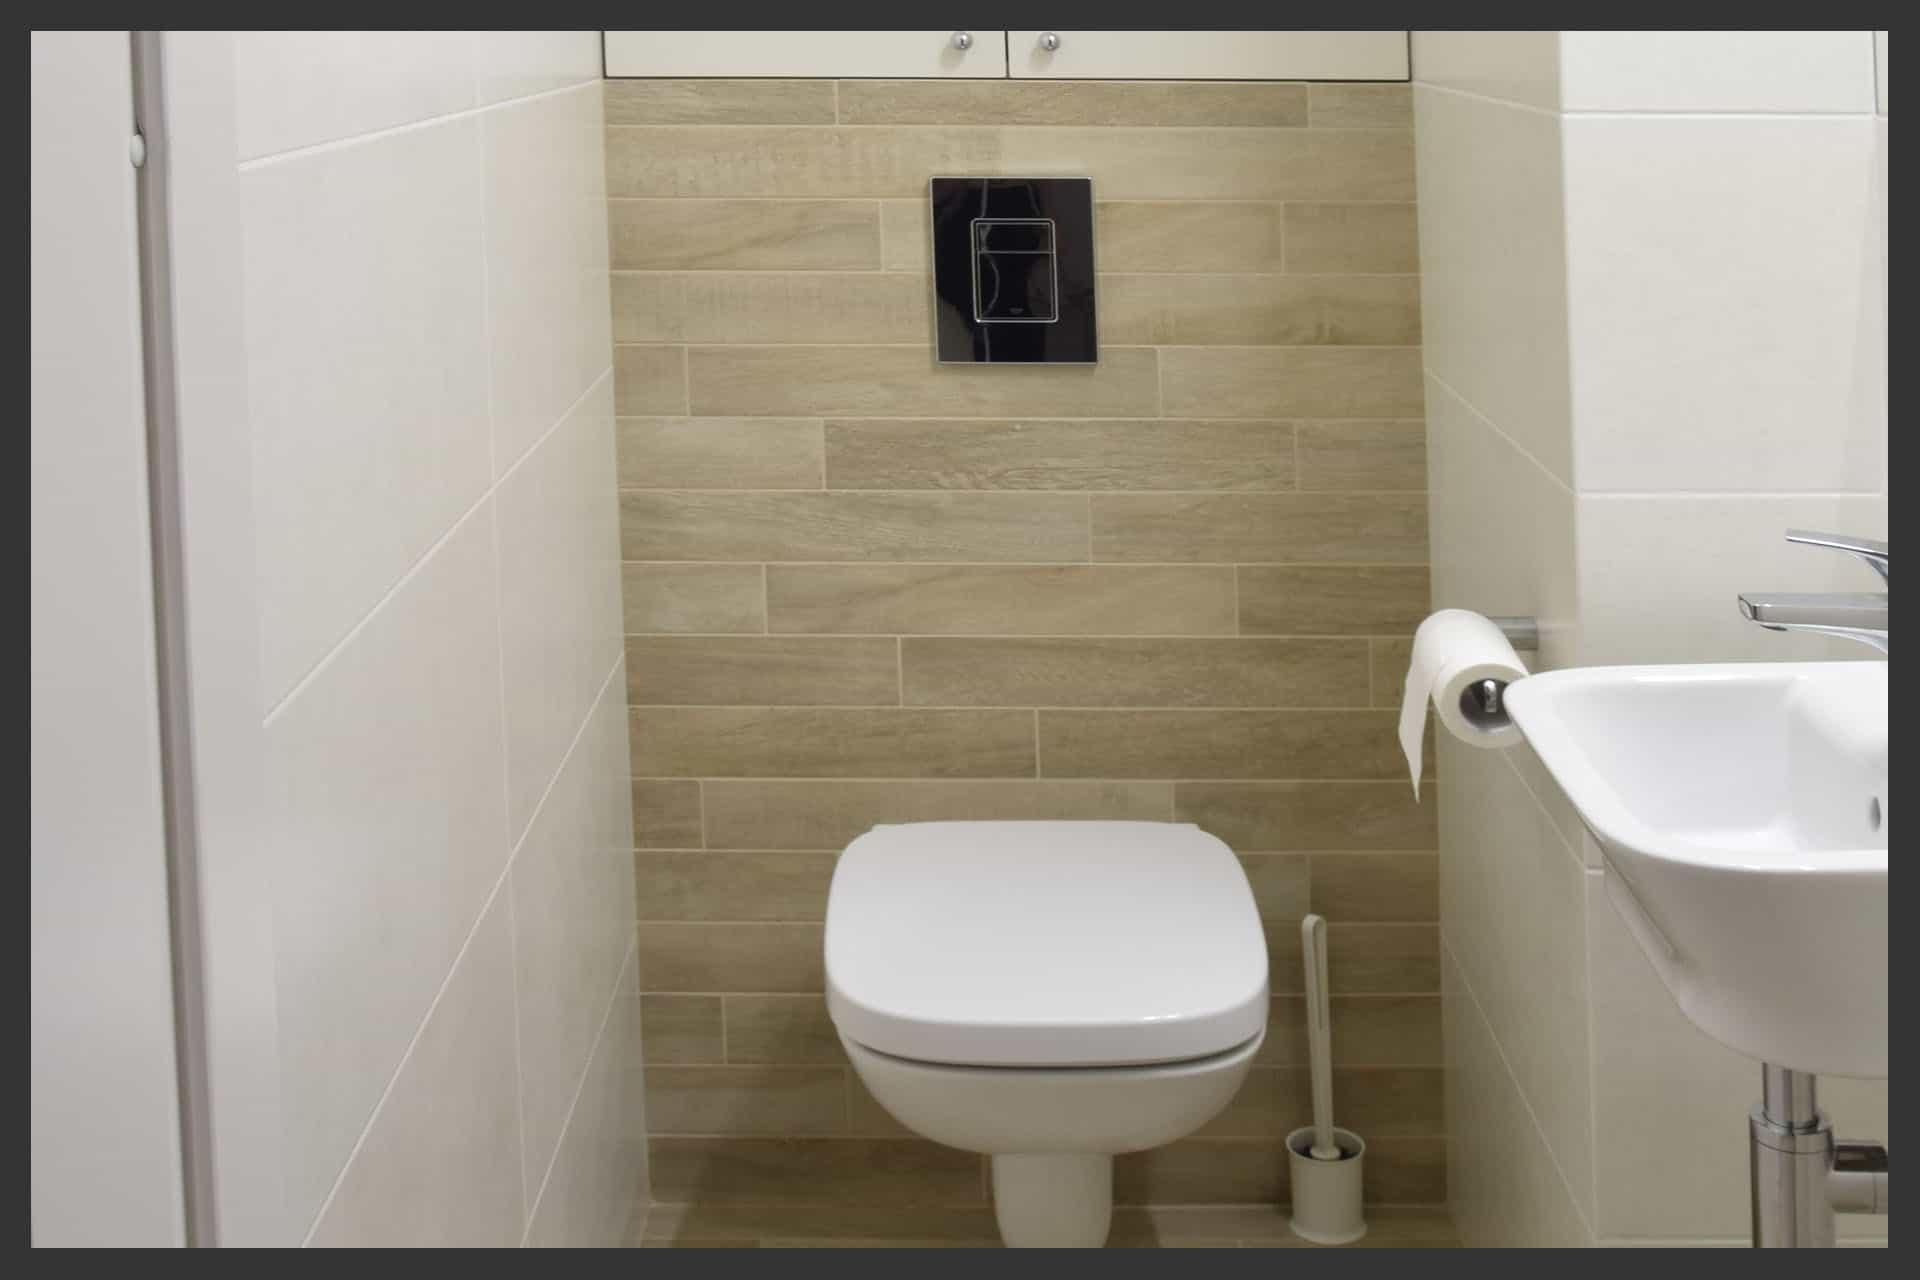 projektanci wnętrz po toaleta ursynow Metamorfoza mieszkania